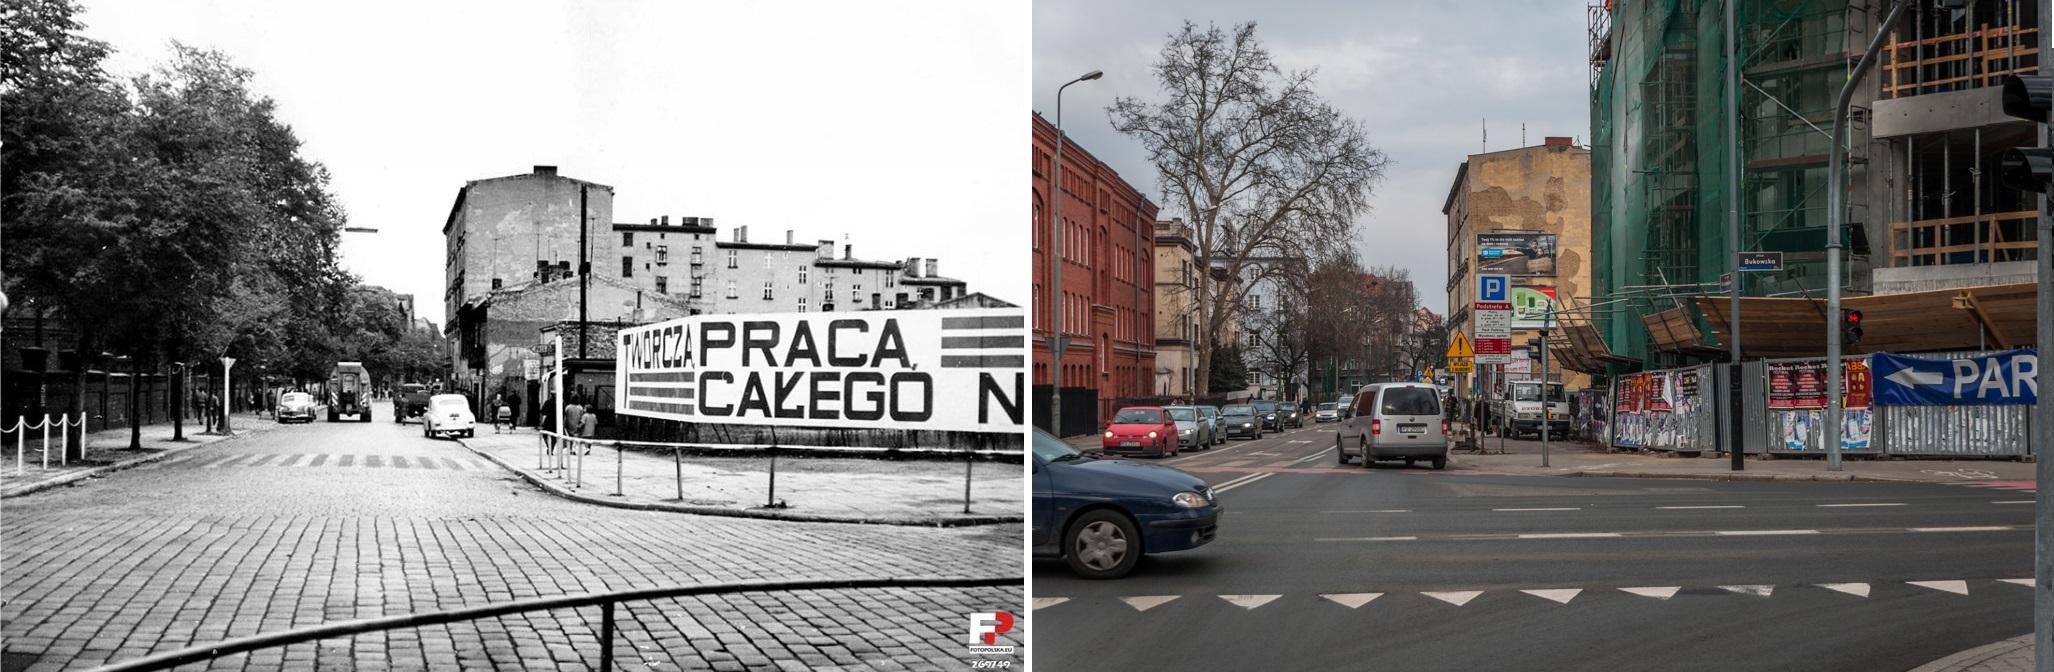 Bukowska 1967-70 a. maćkowiak